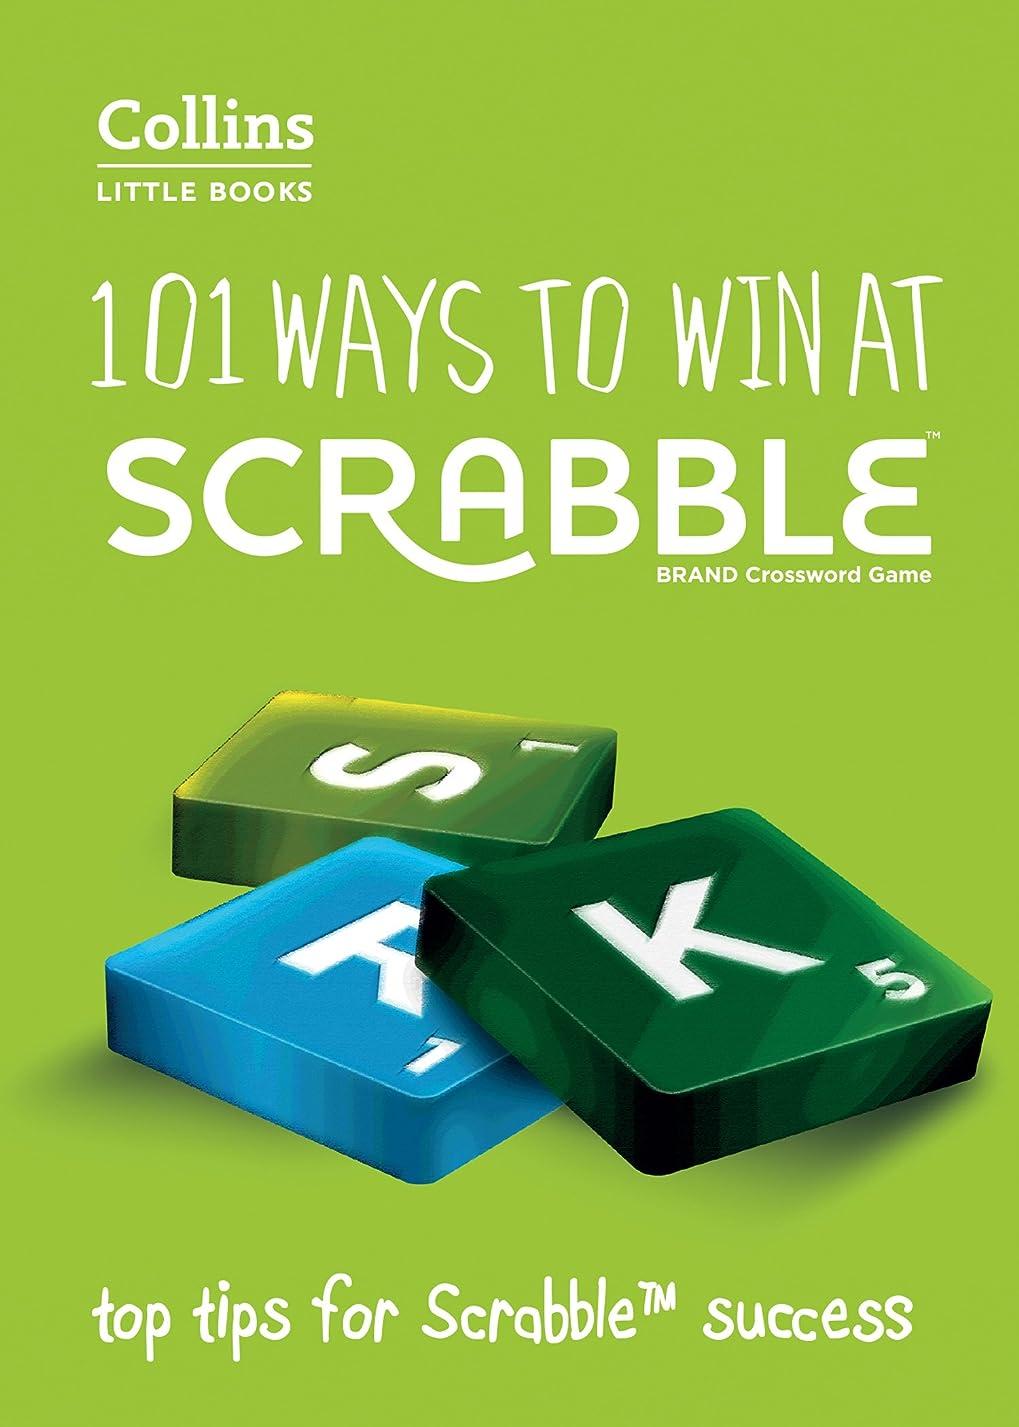 任命する特別に懲らしめ101 Ways to Win at Scrabble: Top tips for Scrabble success (Collins Little Books) (English Edition)